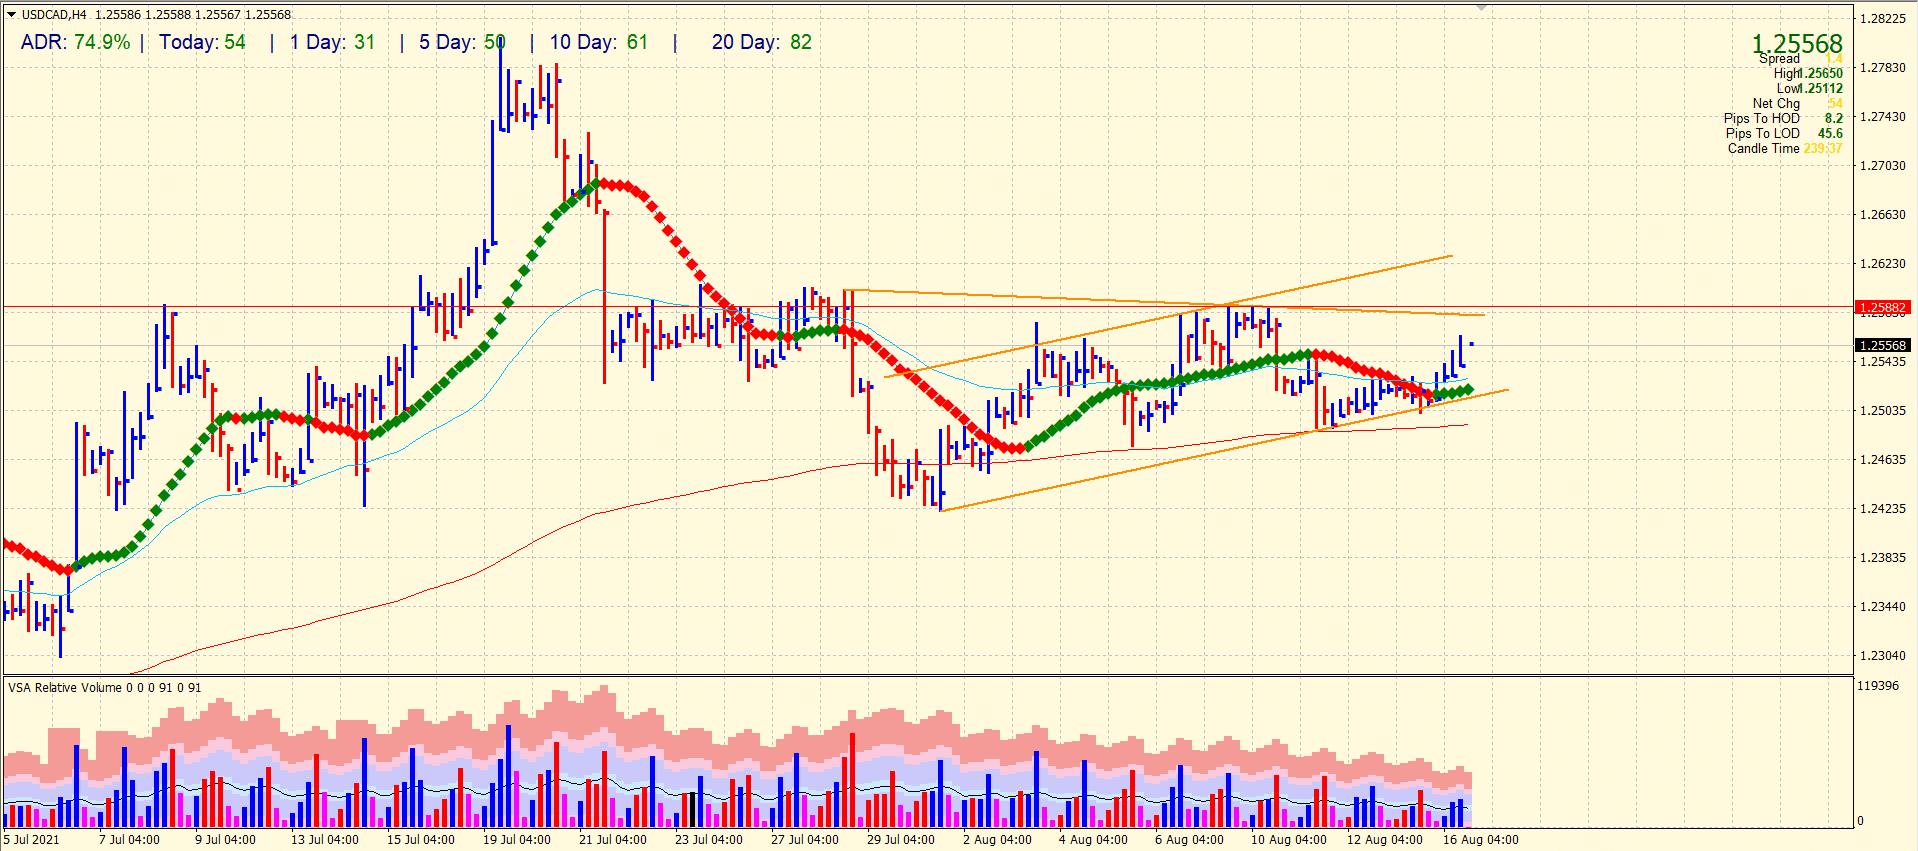 USD/CAD 4-hour price analysis